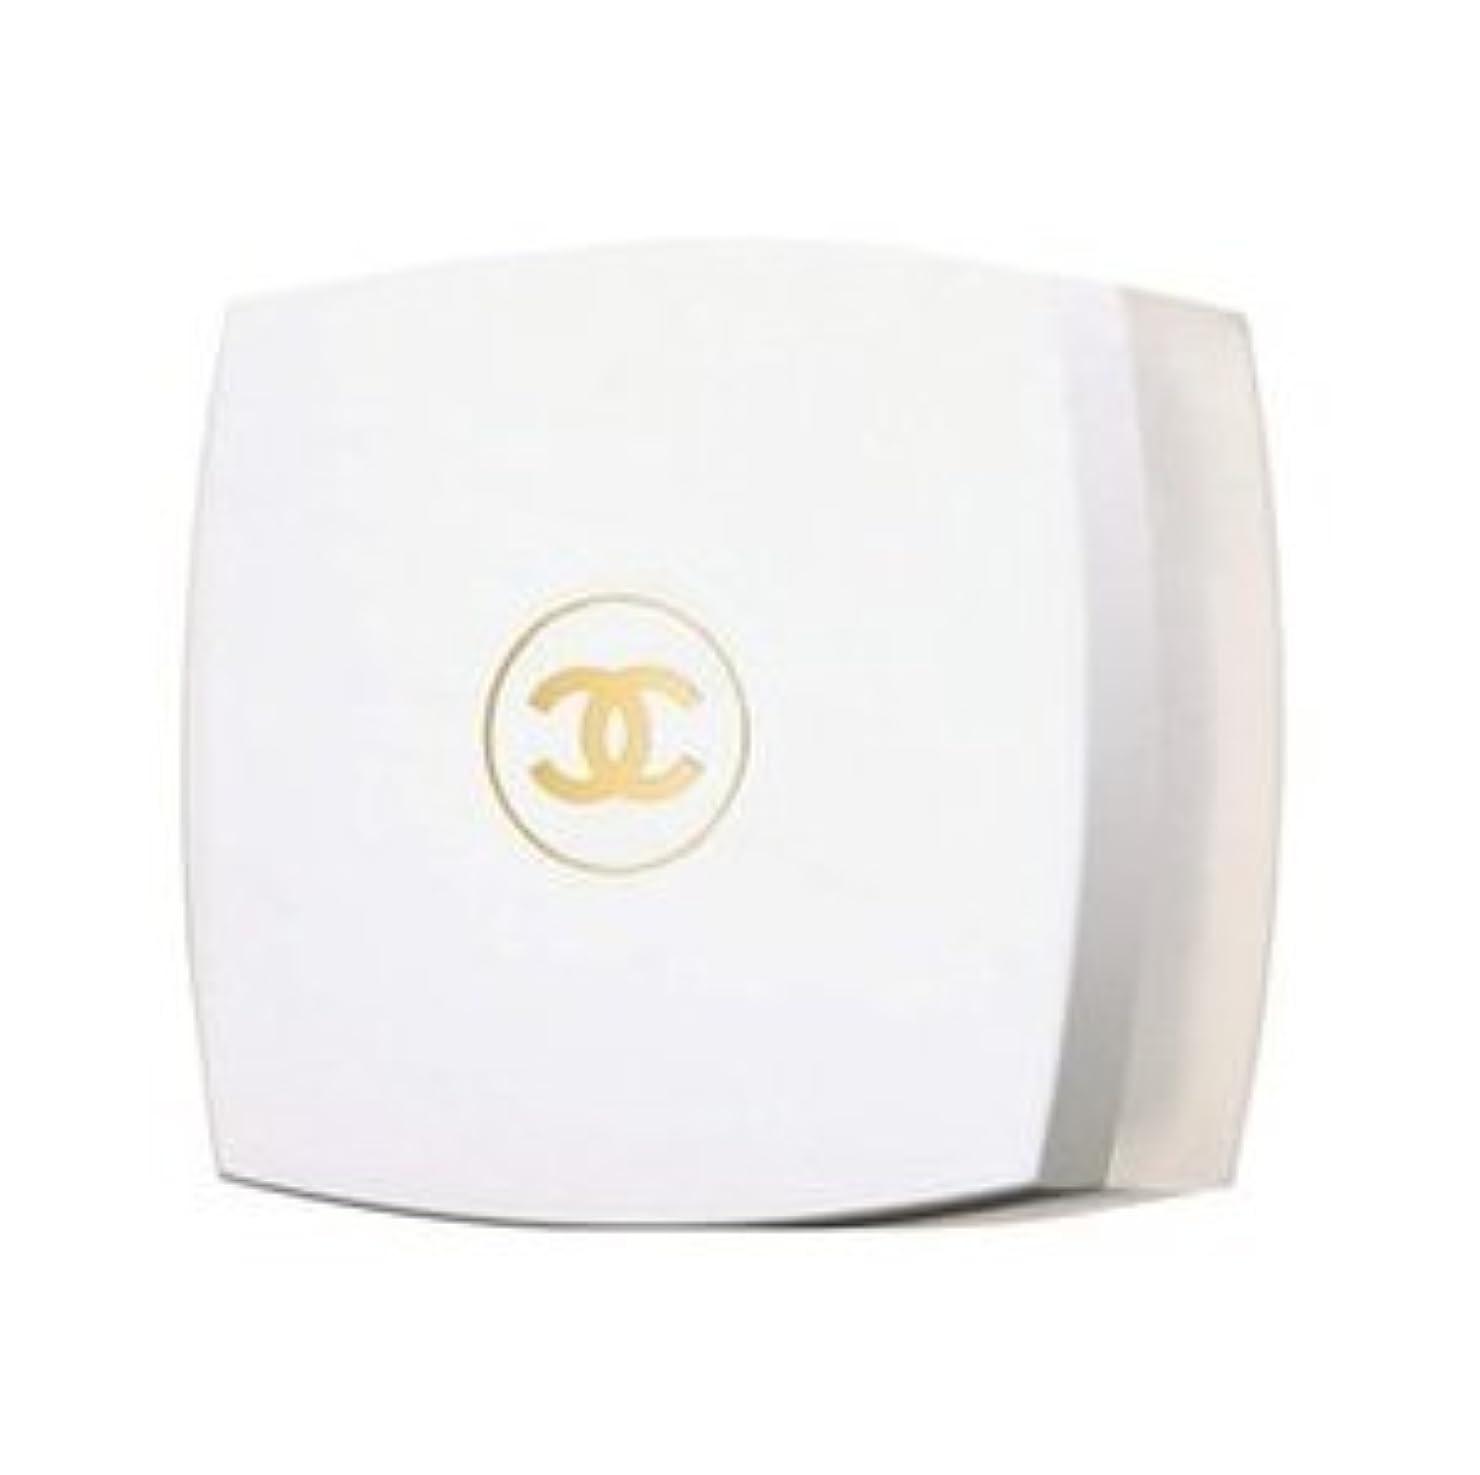 大気合体不利益シャネル CHANEL ココ マドモアゼル フレッシュ ボディ クリーム 150g